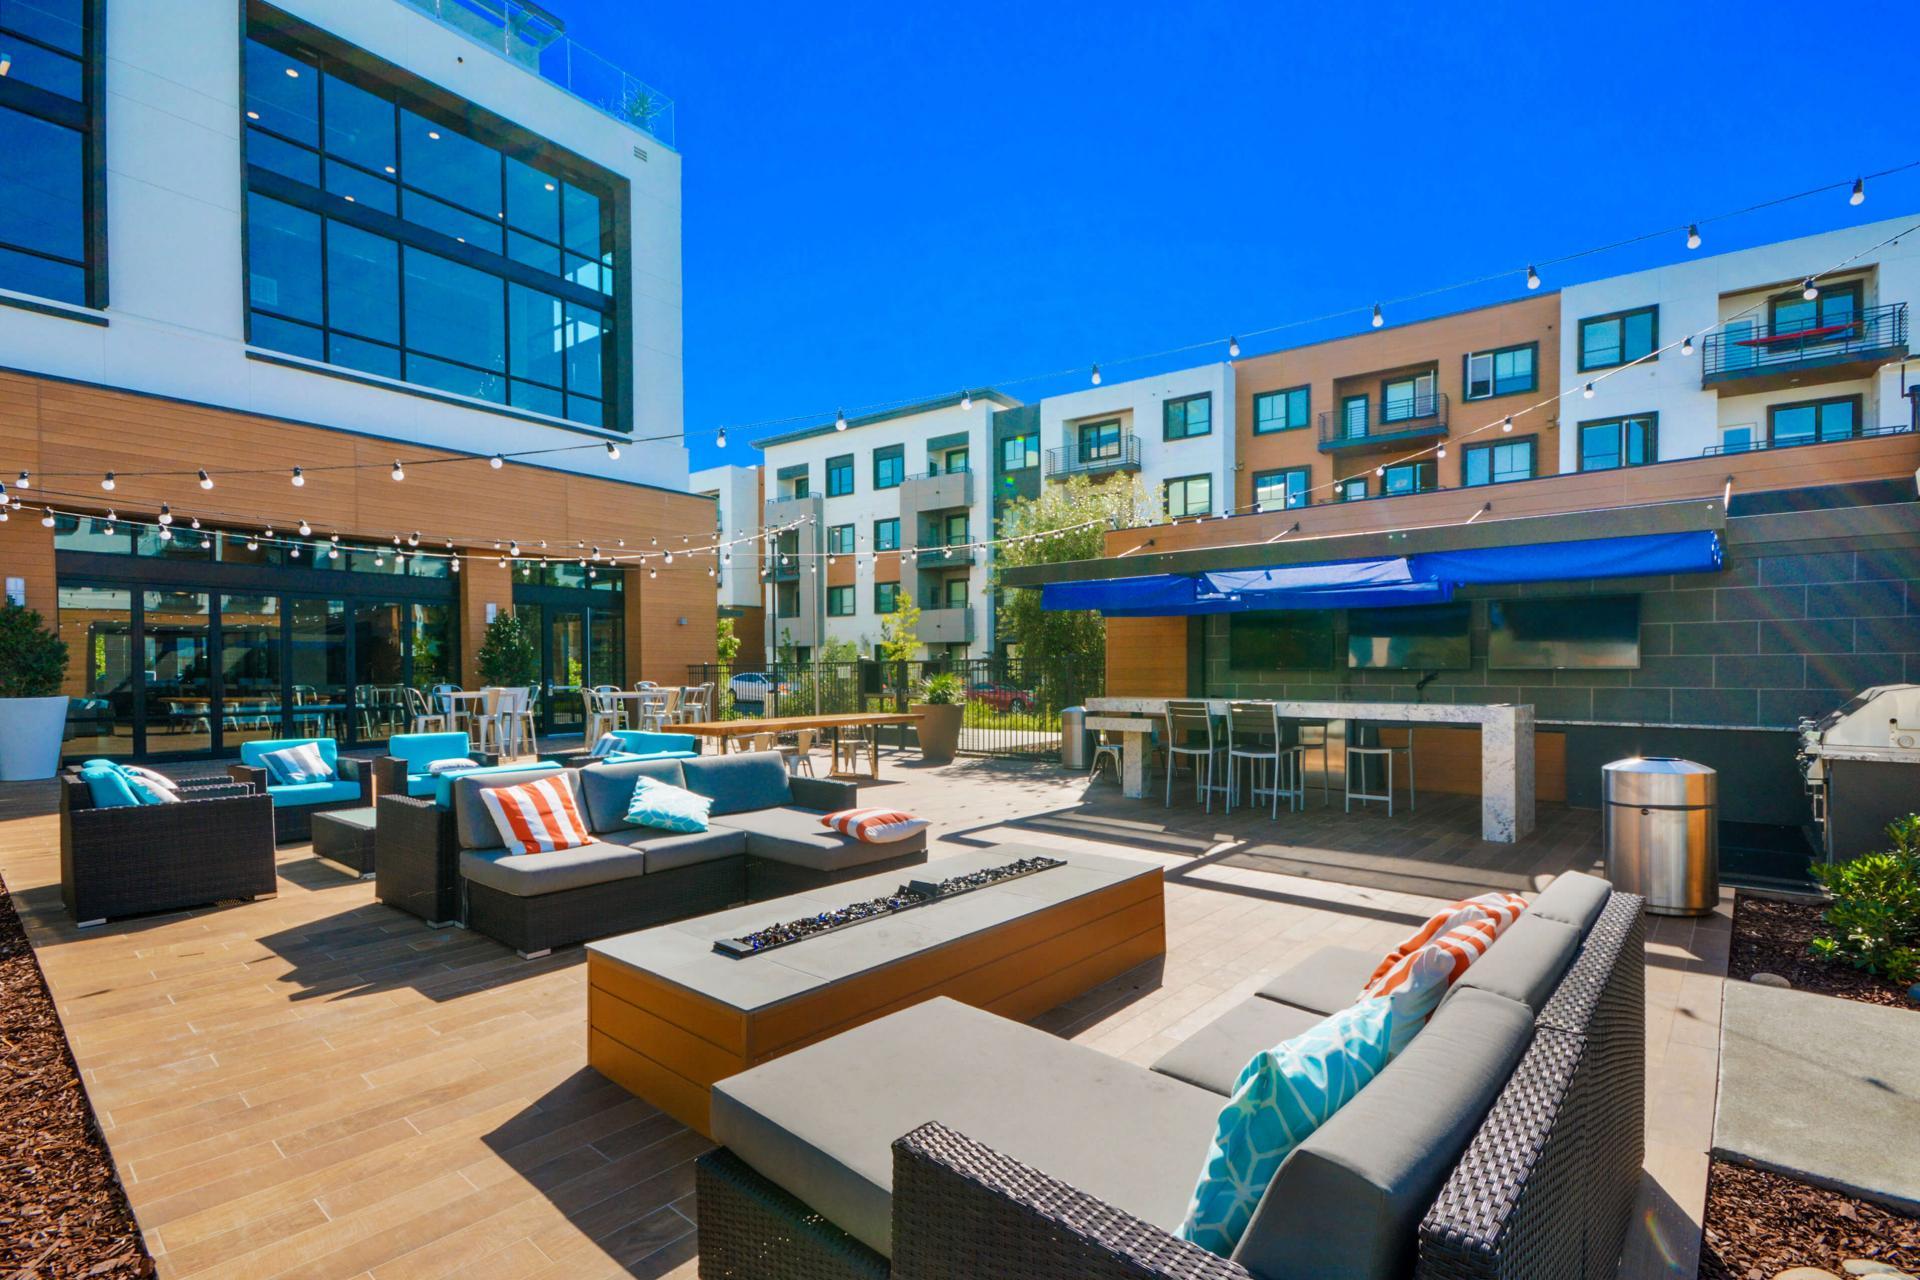 Seating at Anton Menlo Apartments, Friendly Acres, Menlo Park